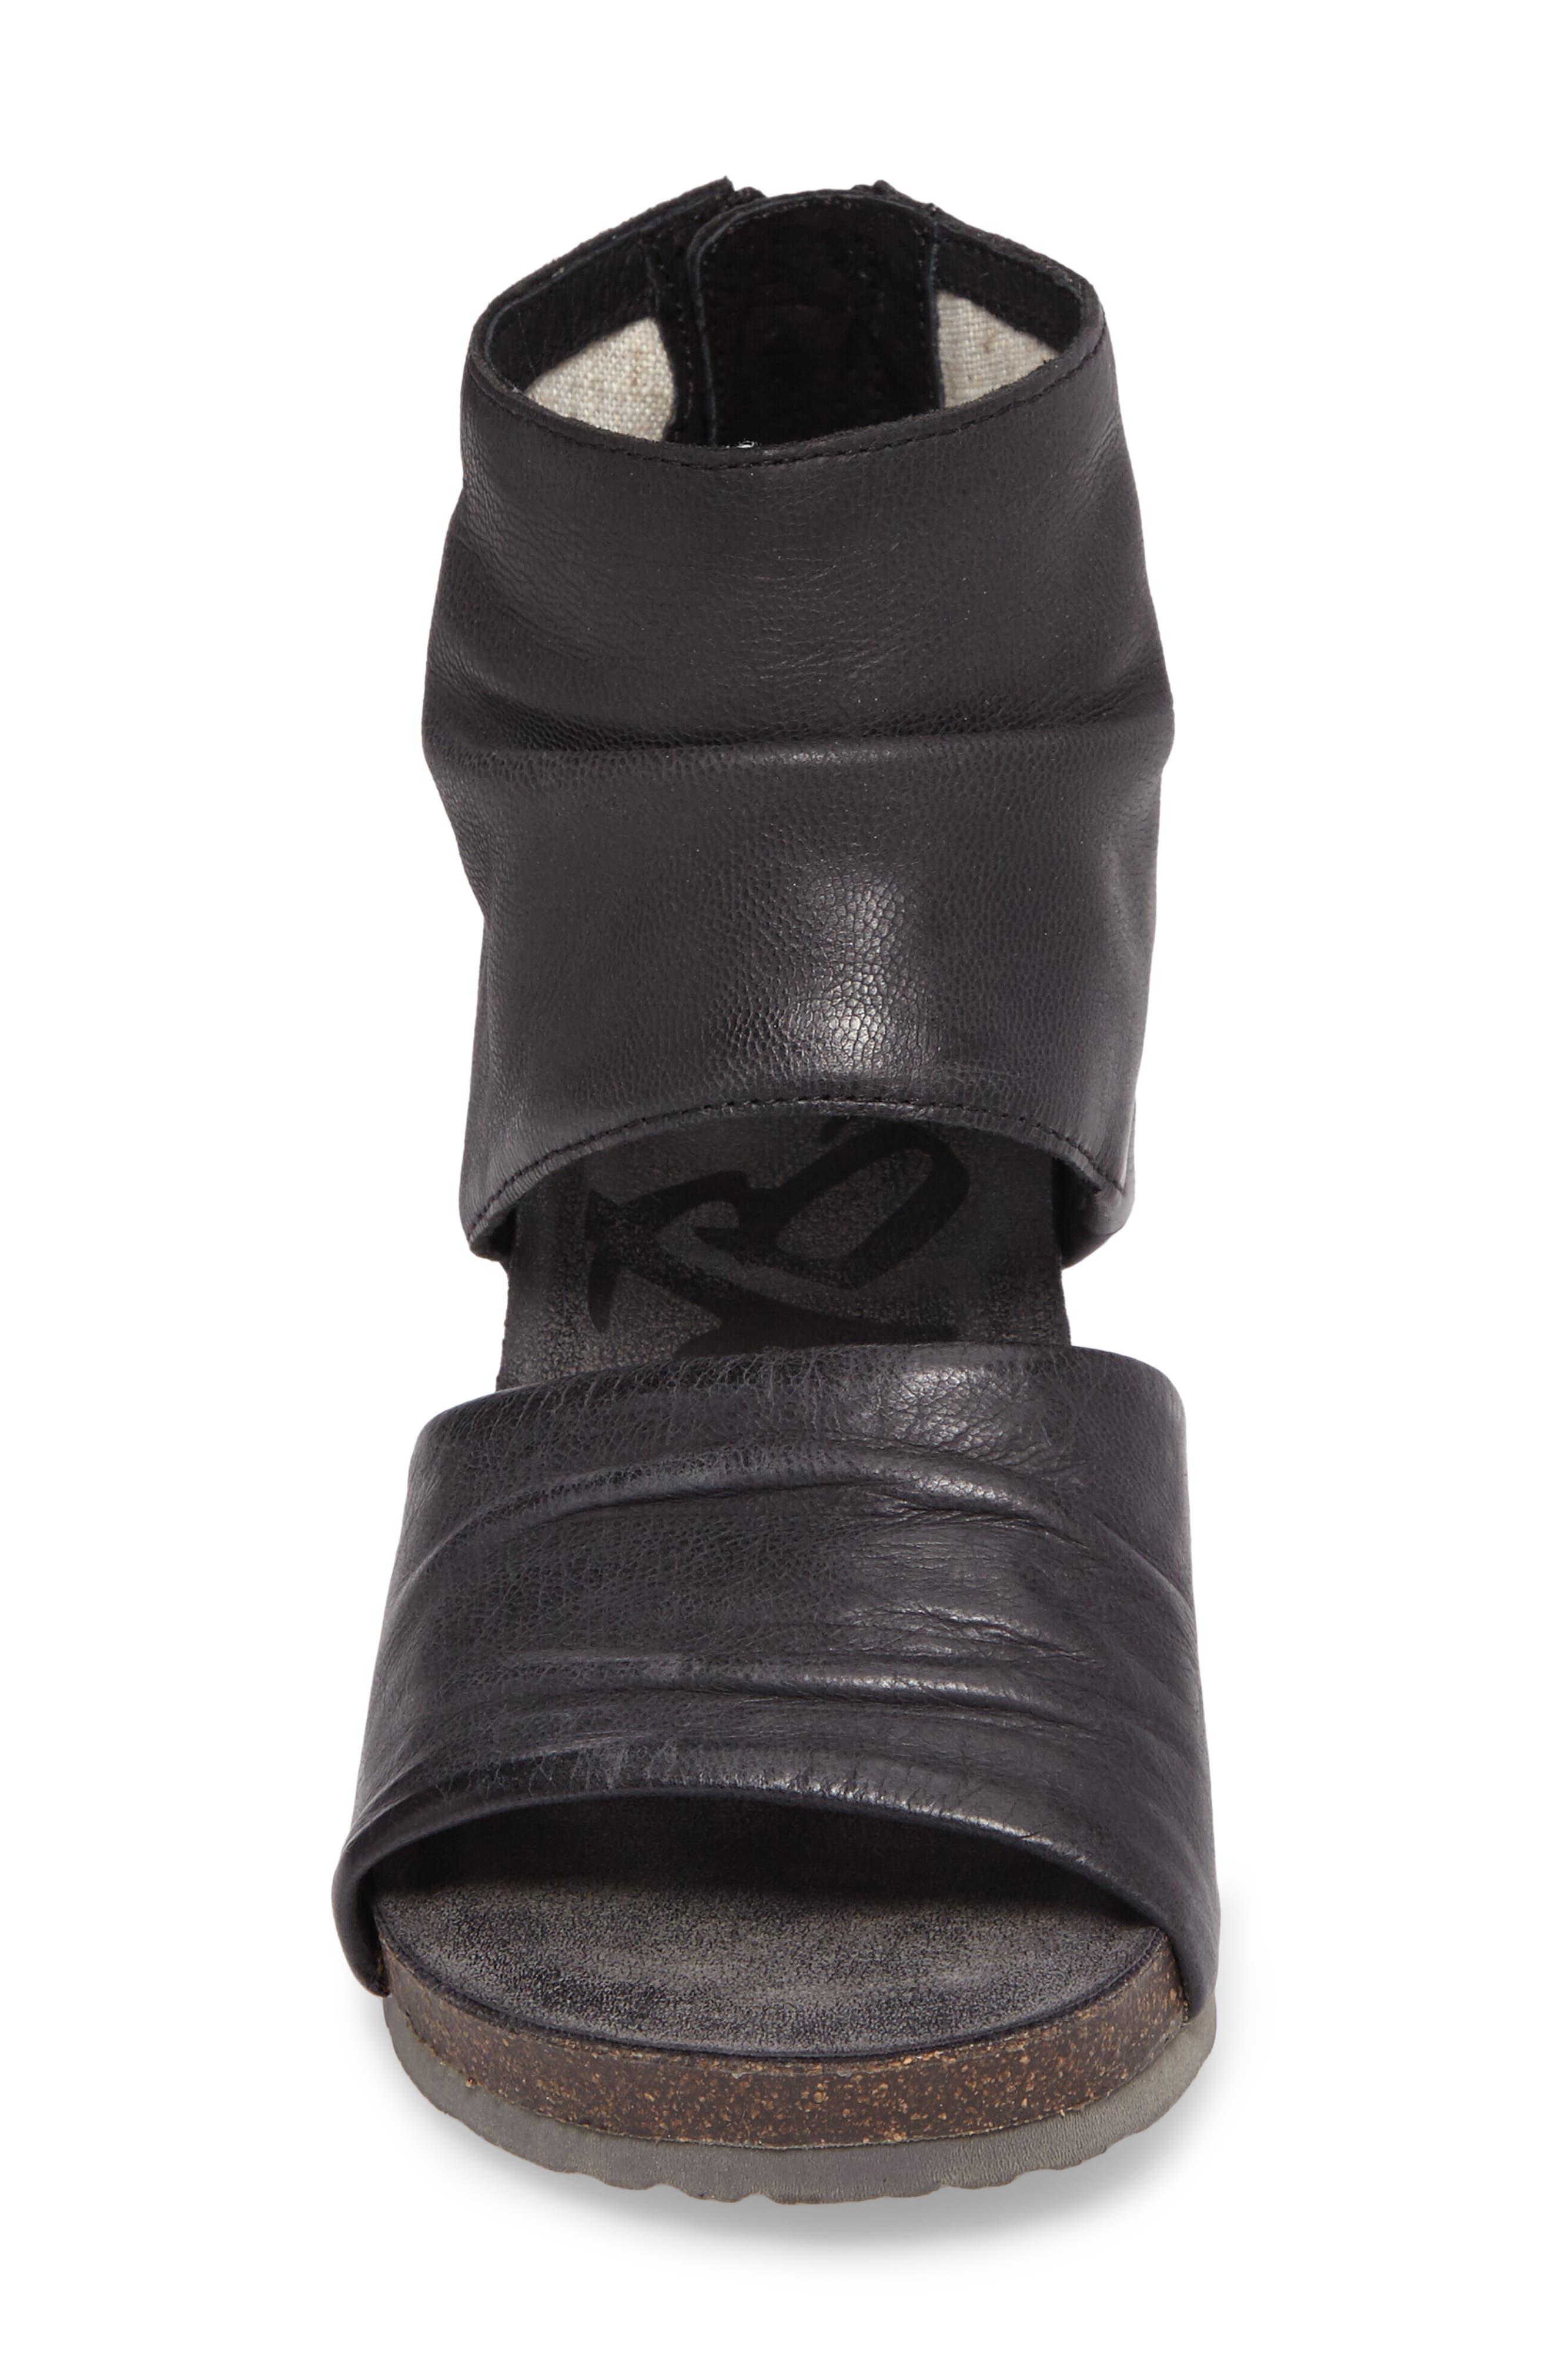 Patchouli Open Toe Bootie,                             Alternate thumbnail 4, color,                             BLACK LEATHER